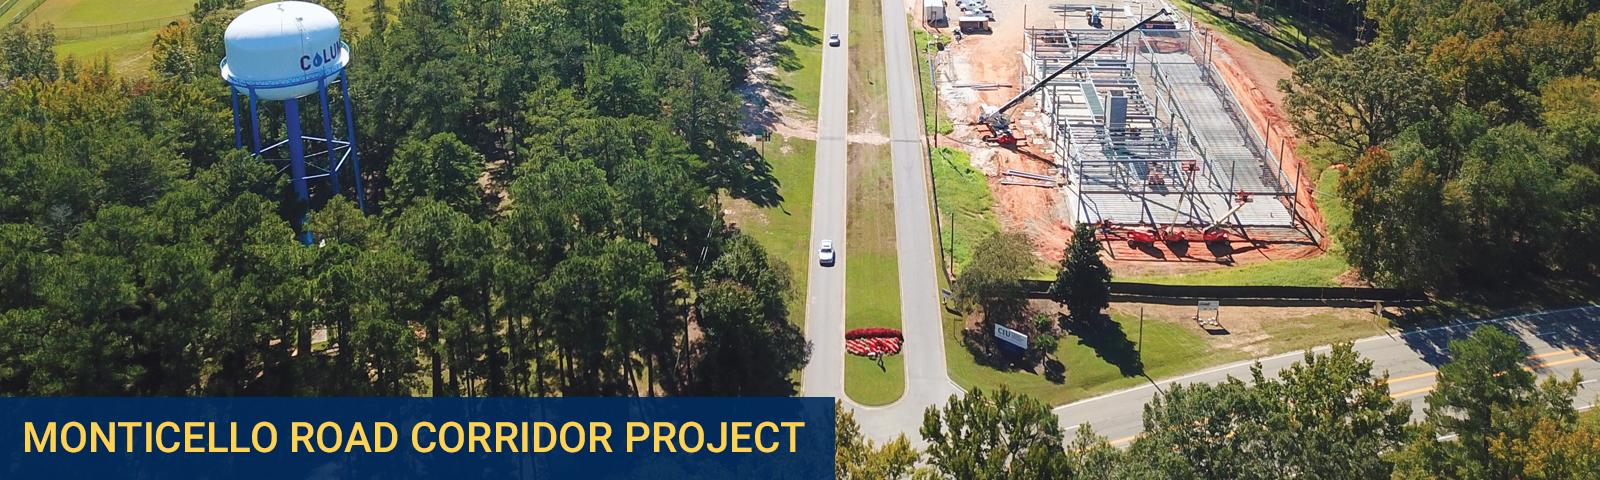 Monticello Road Corridor Project